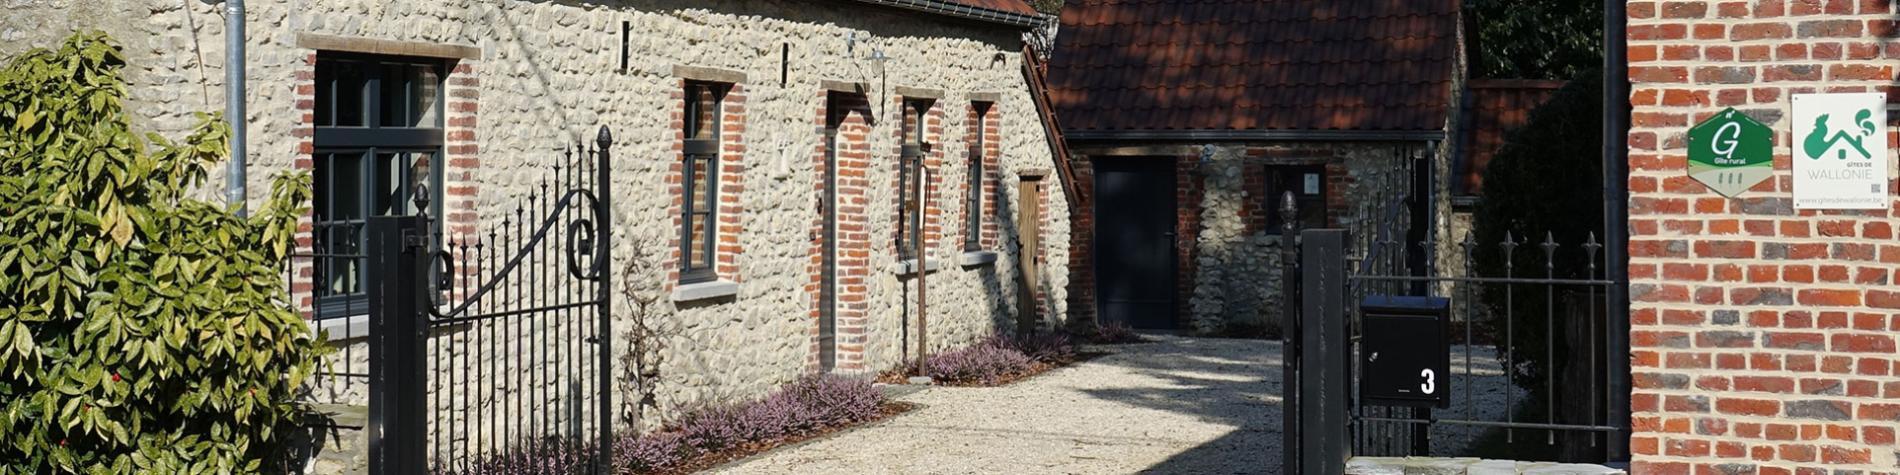 Gîte - Bruyères - Biez - 3 épis - fermette - brabançonne - XIXème siècle